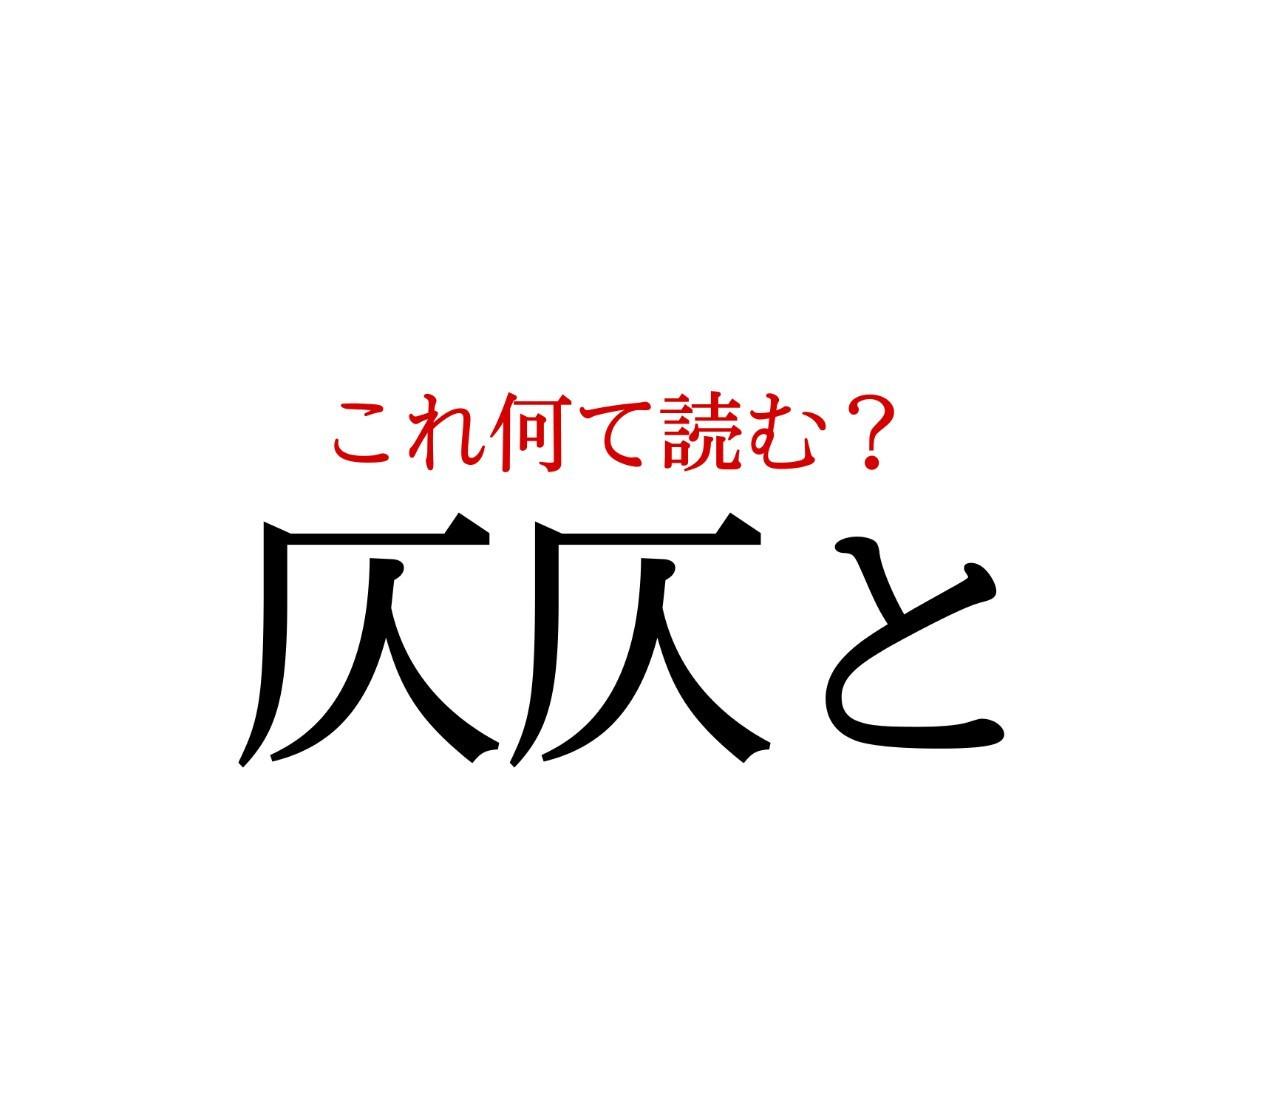 「仄仄と」:この漢字、自信を持って読めますか?【働く大人の漢字クイズvol.203】